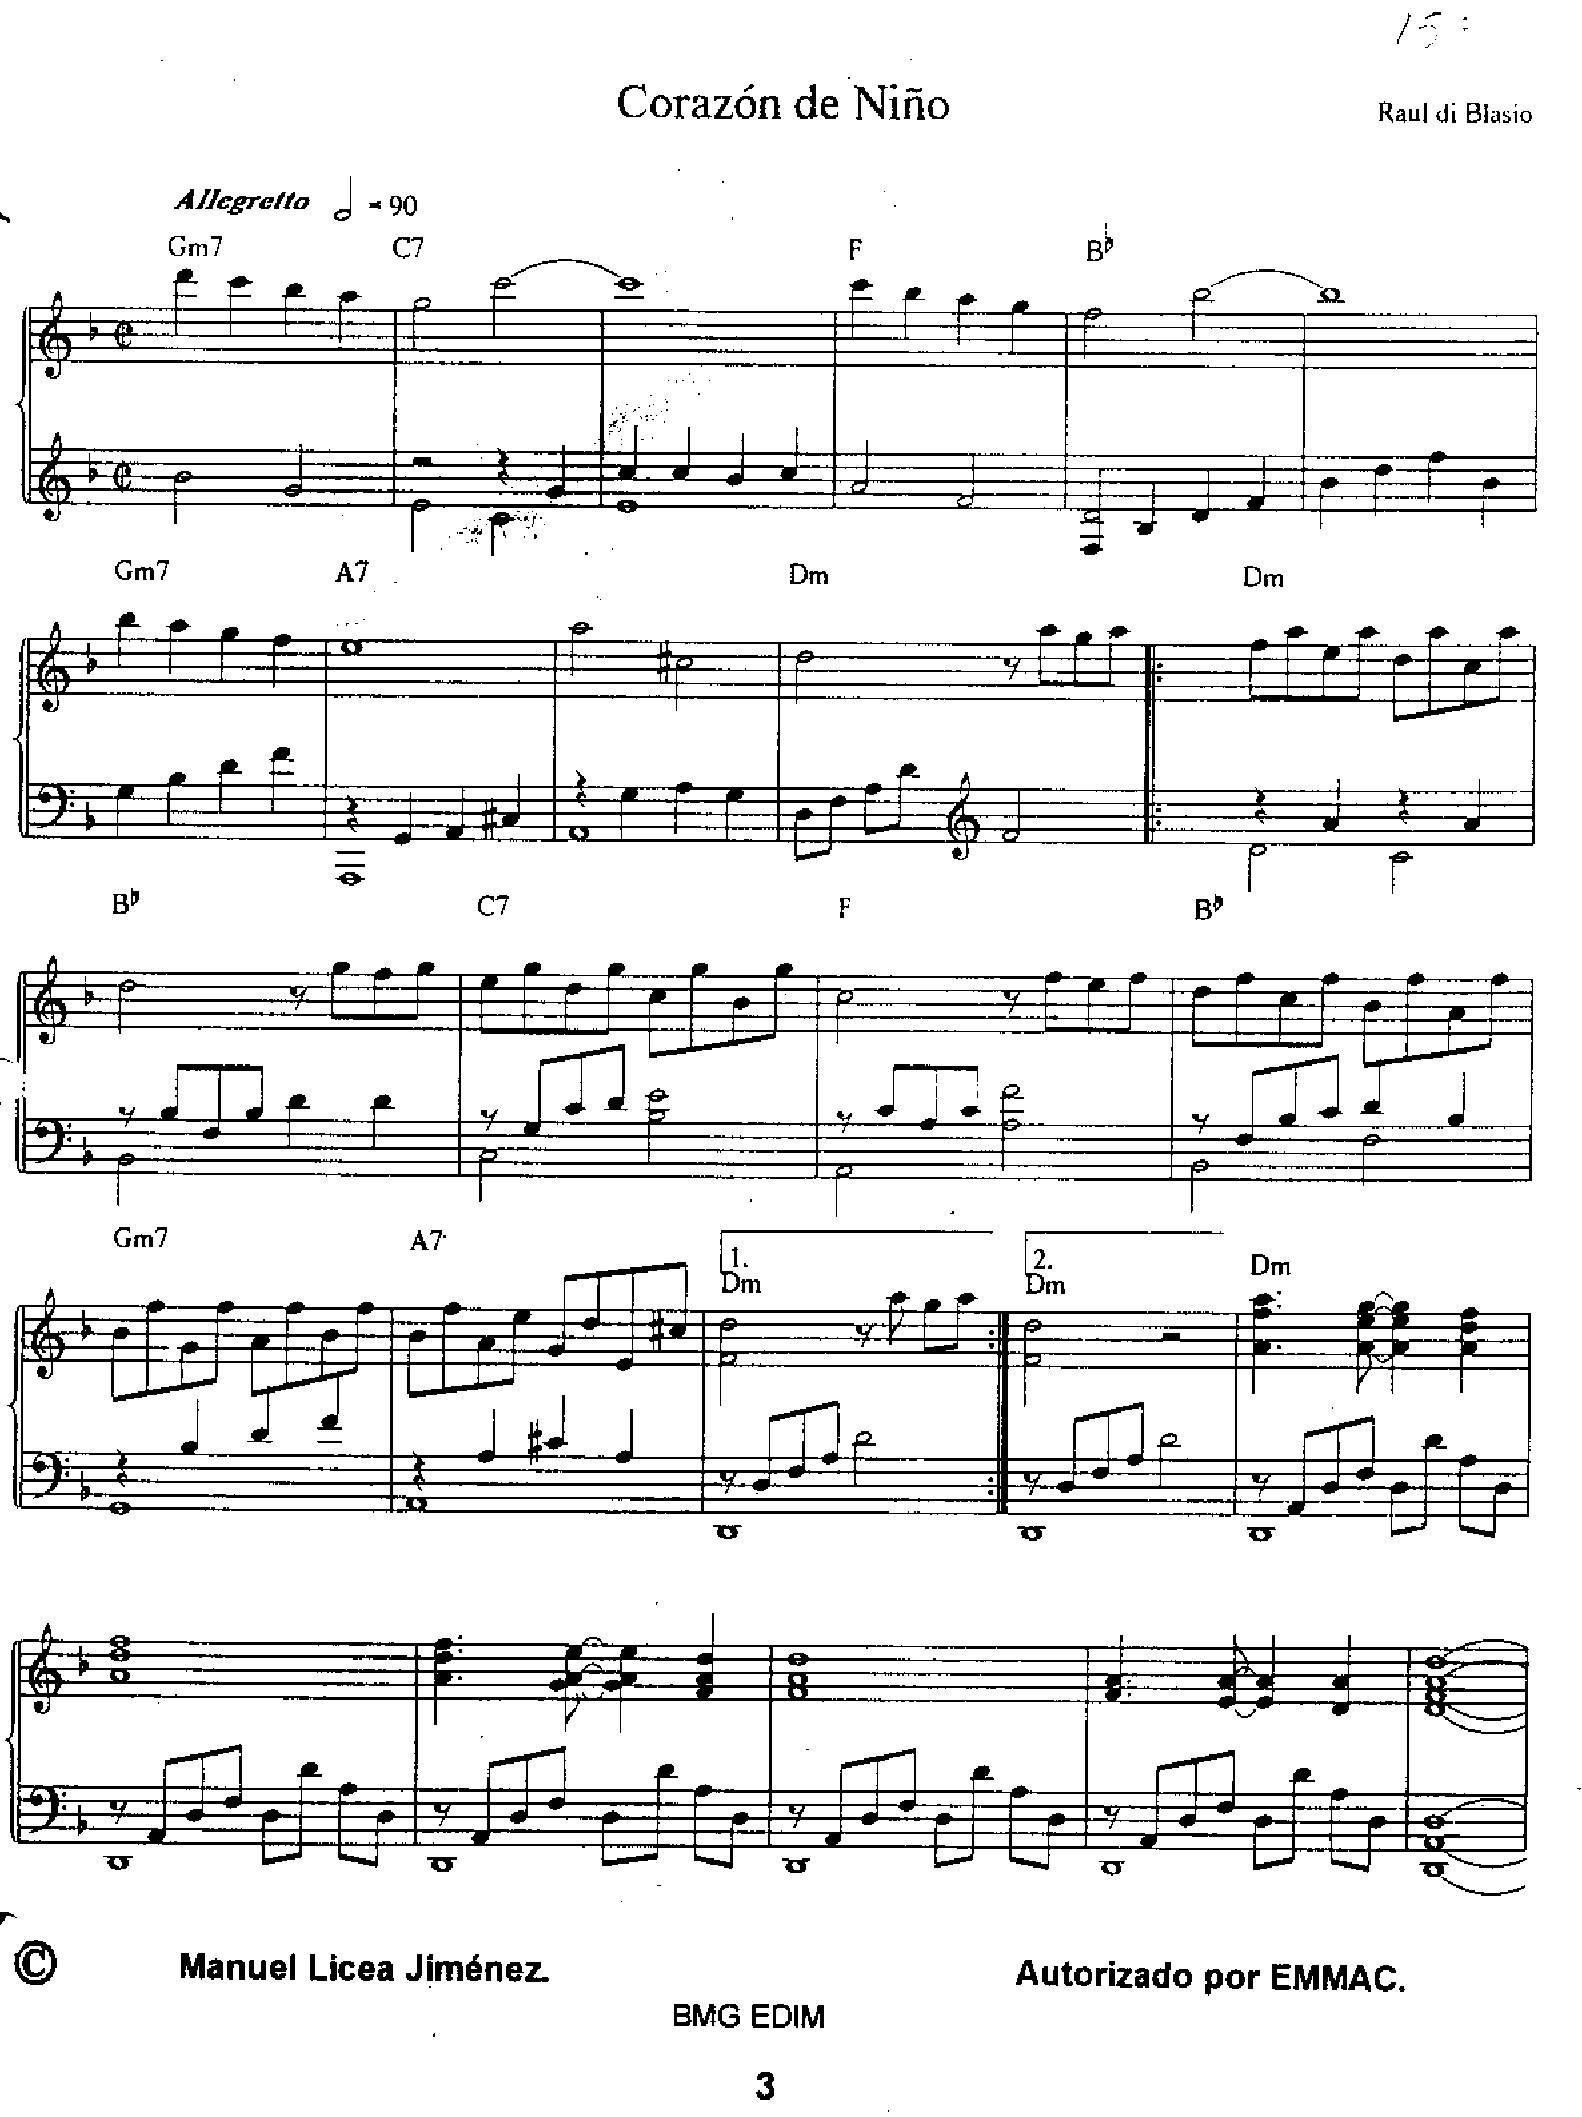 Blasio Corazon de nino1 - نت آهنگ Corazon de nino از Blasio